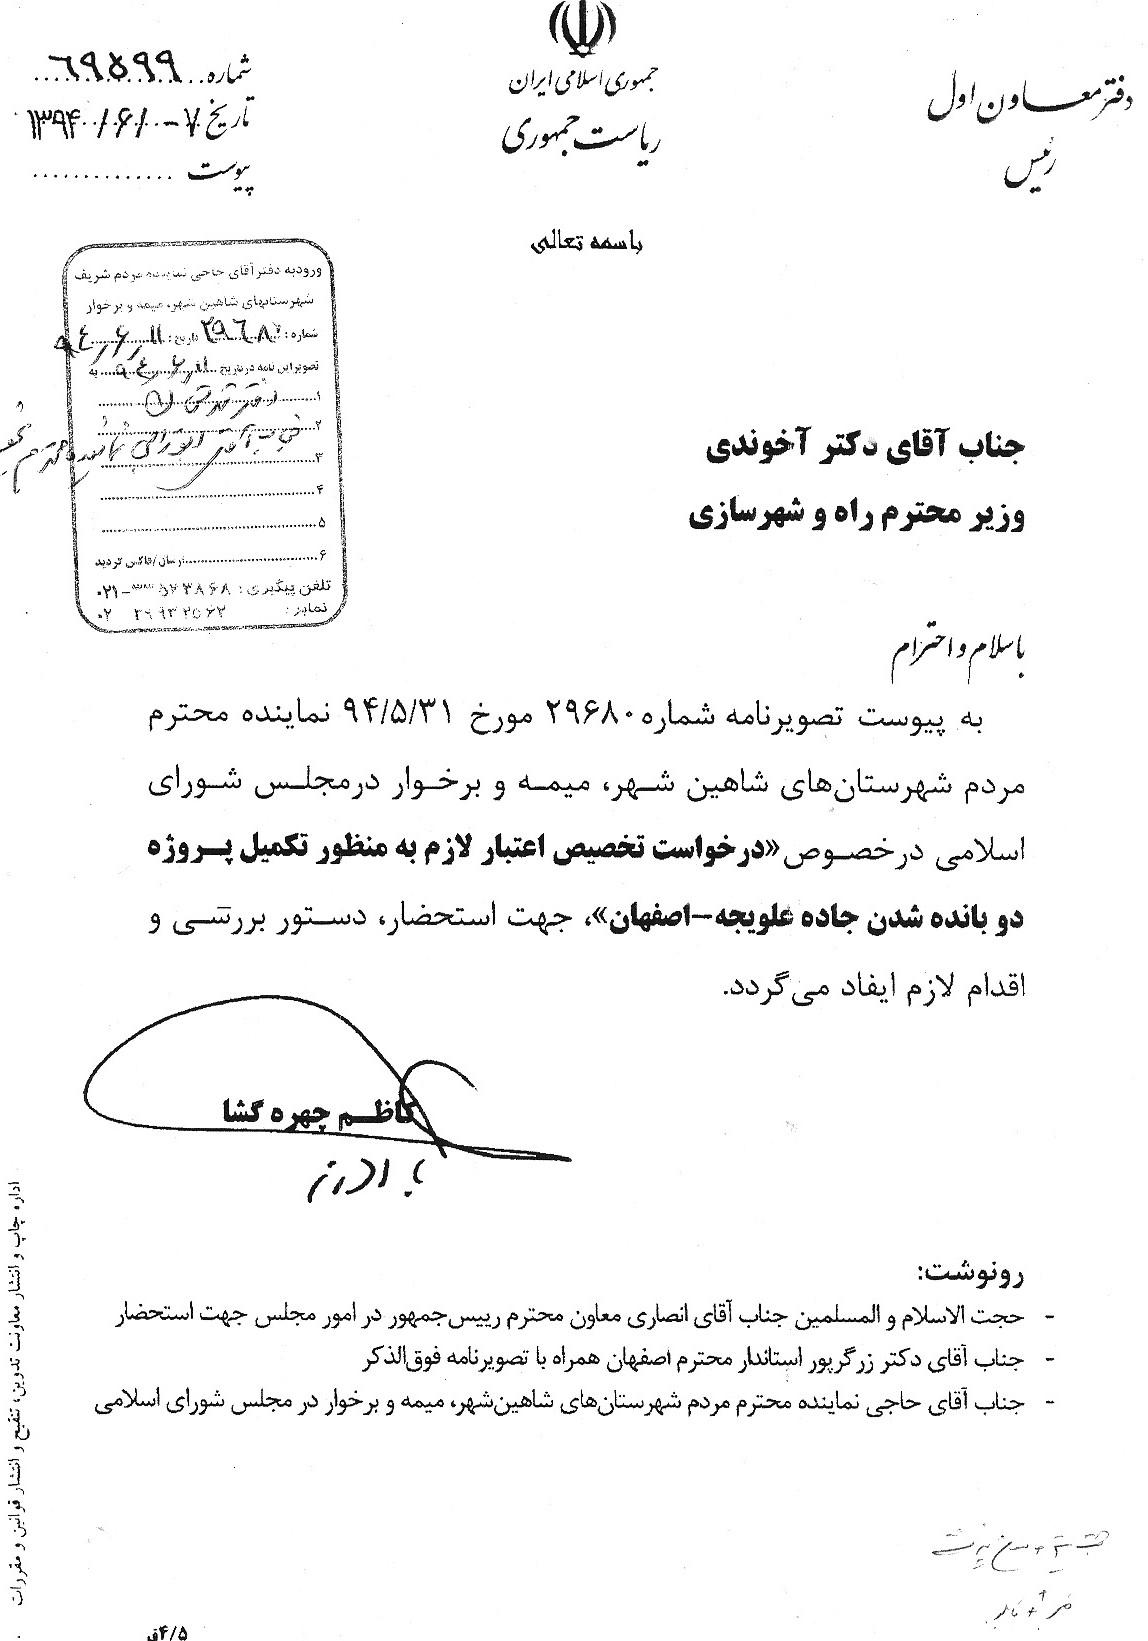 پیگیری نامه آقای حاجی از سوی معاون اول محترم رئیس جمهور